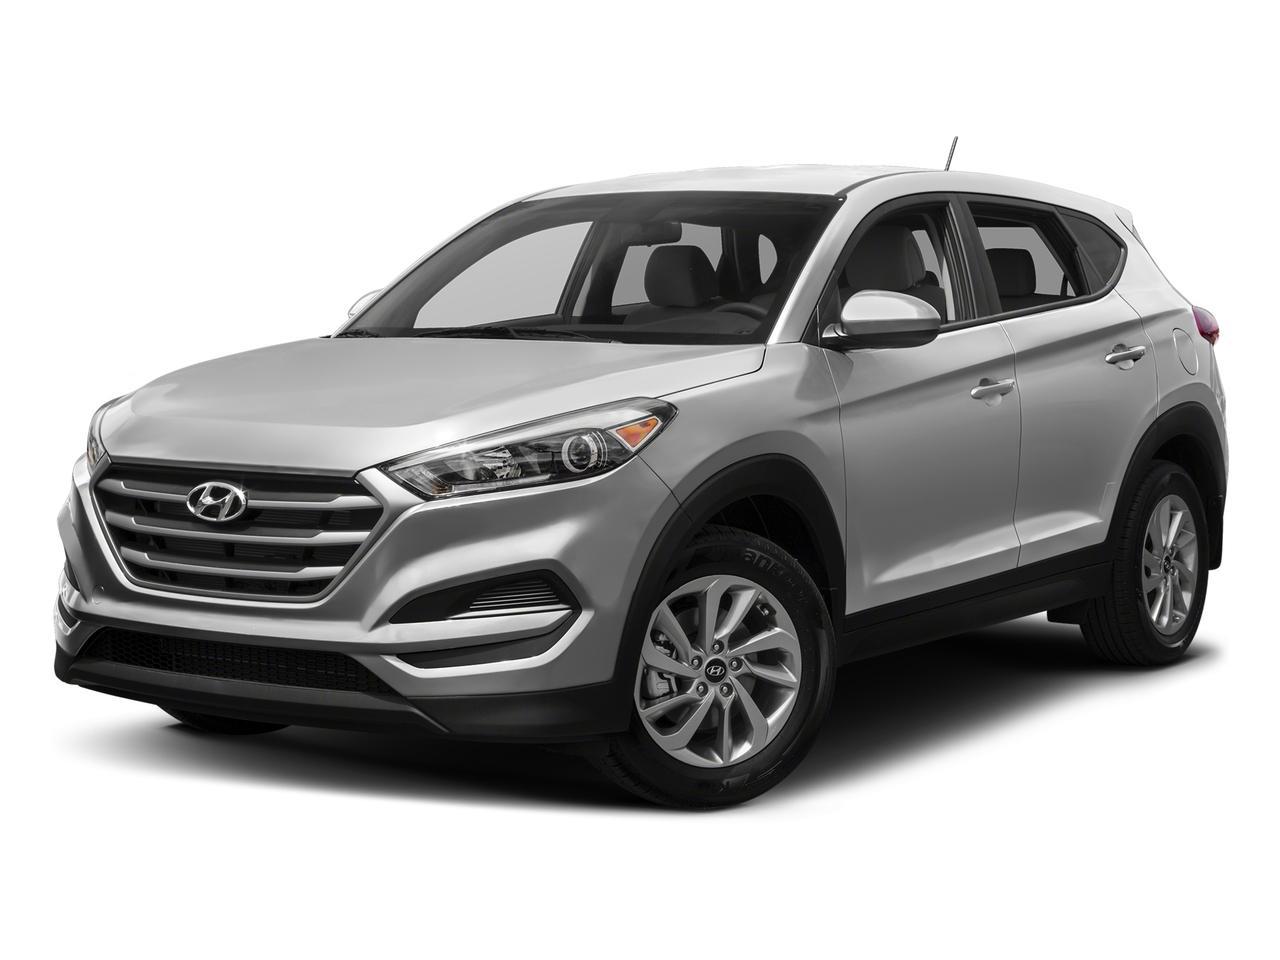 2017 Hyundai Tucson Vehicle Photo in SHREVEPORT, LA 71105-5534